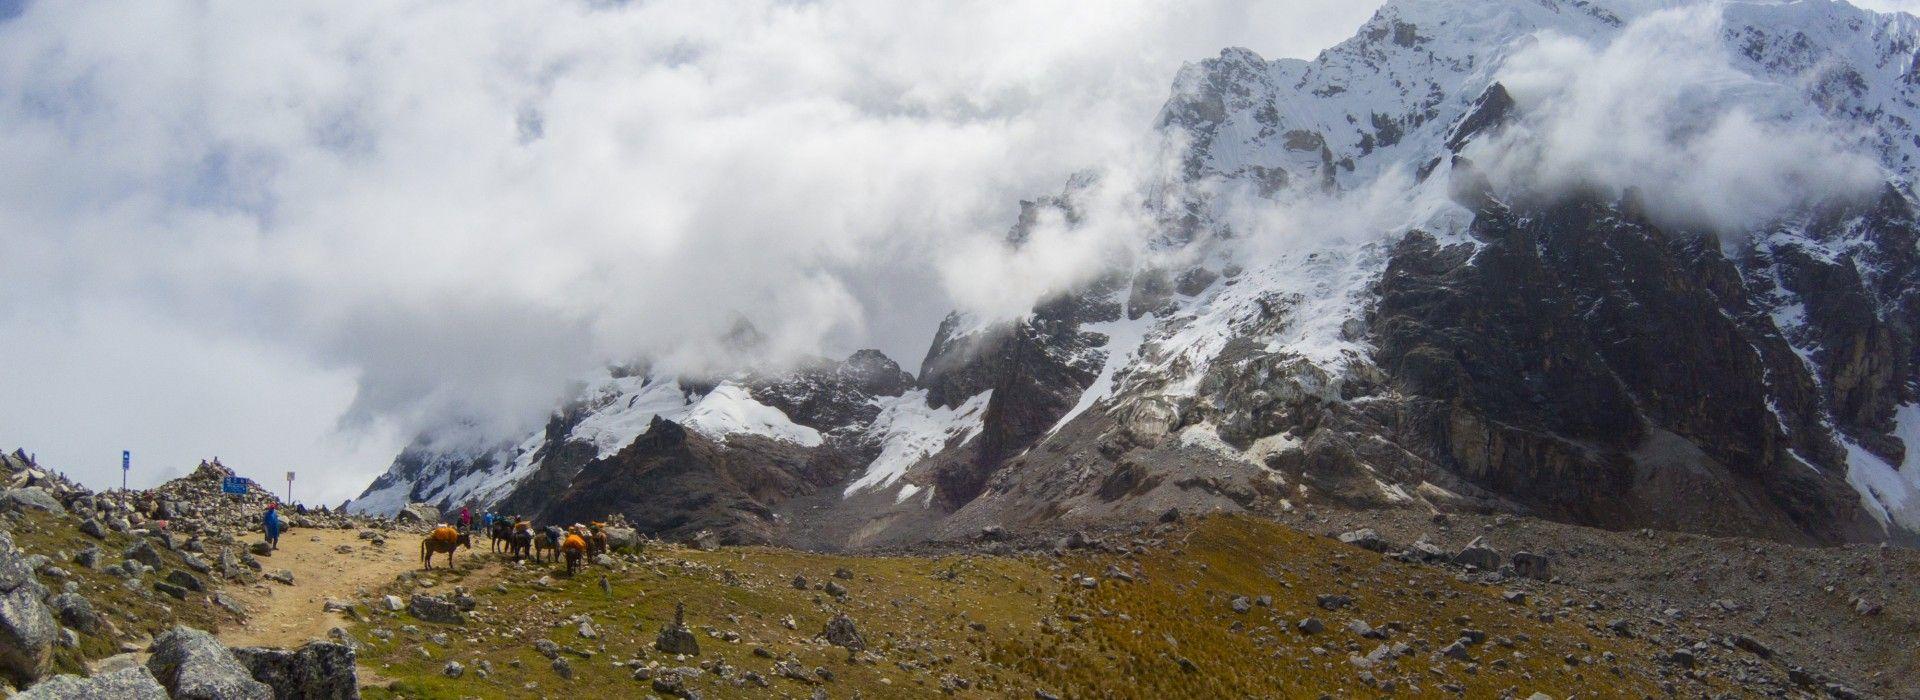 Vinicunca Rainbow Mountain Trek